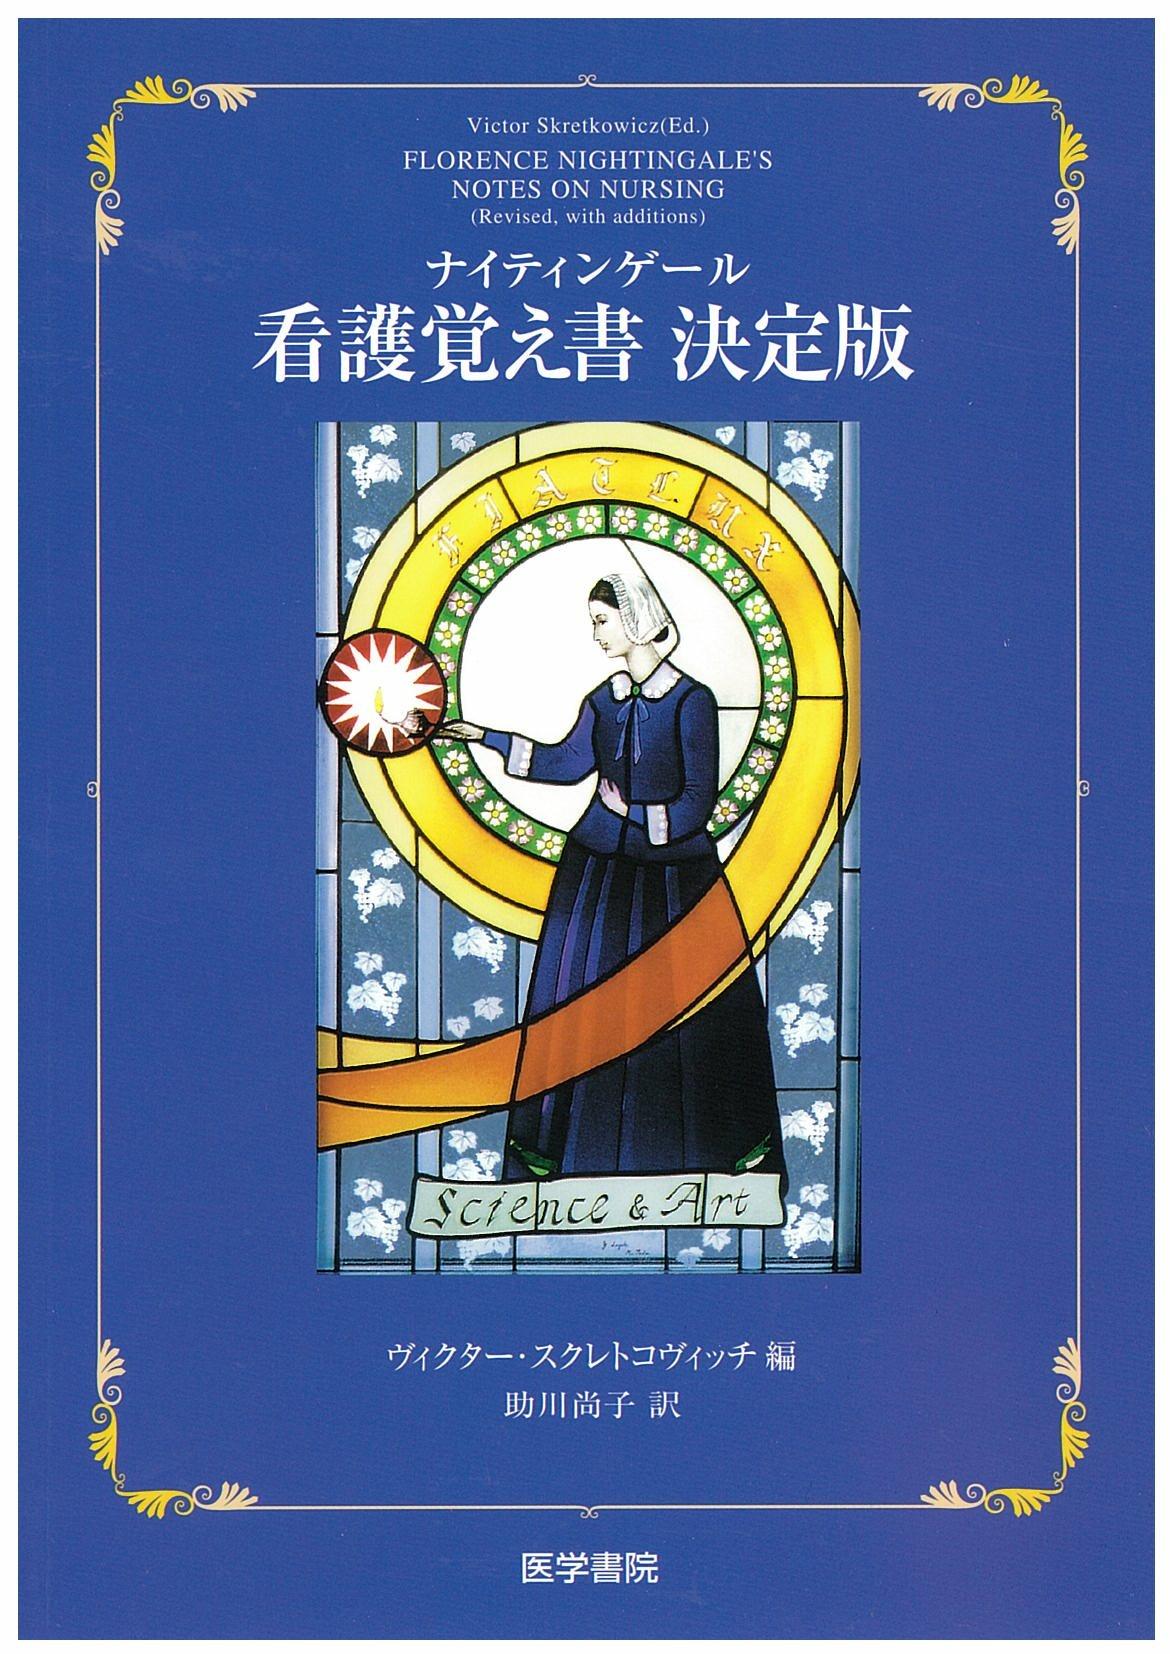 ナイティンゲール 看護覚え書 決定版